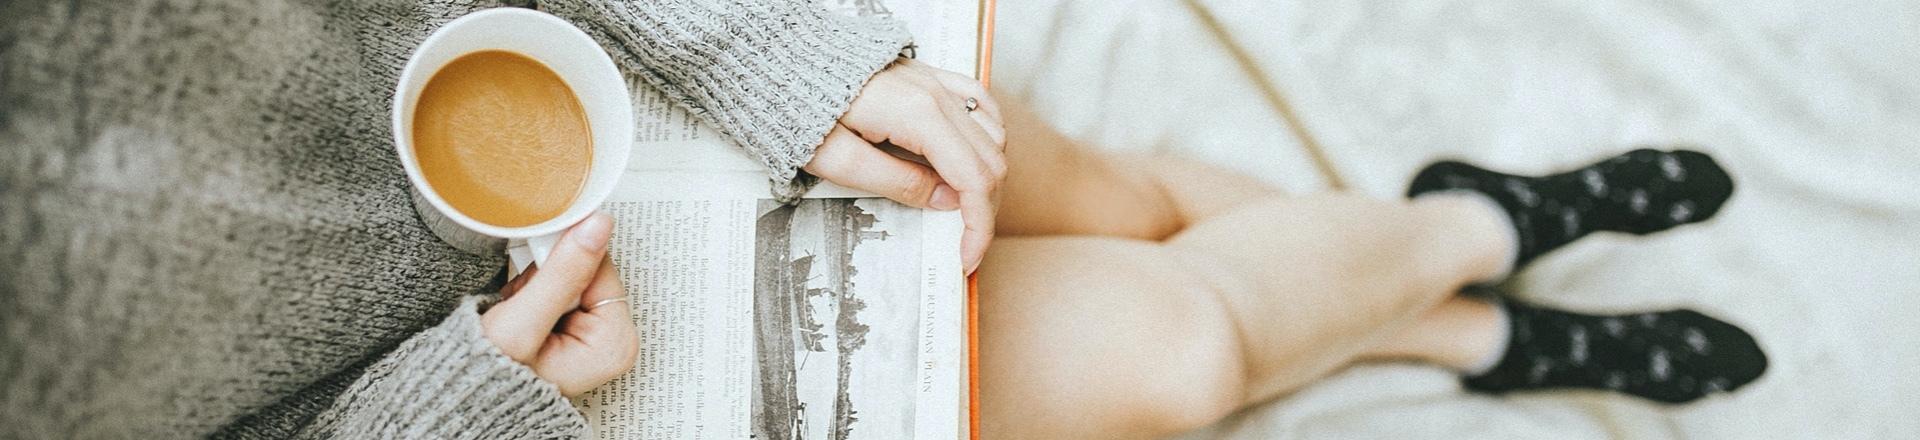 Frau mit Kaffeetasse liest ein Buch